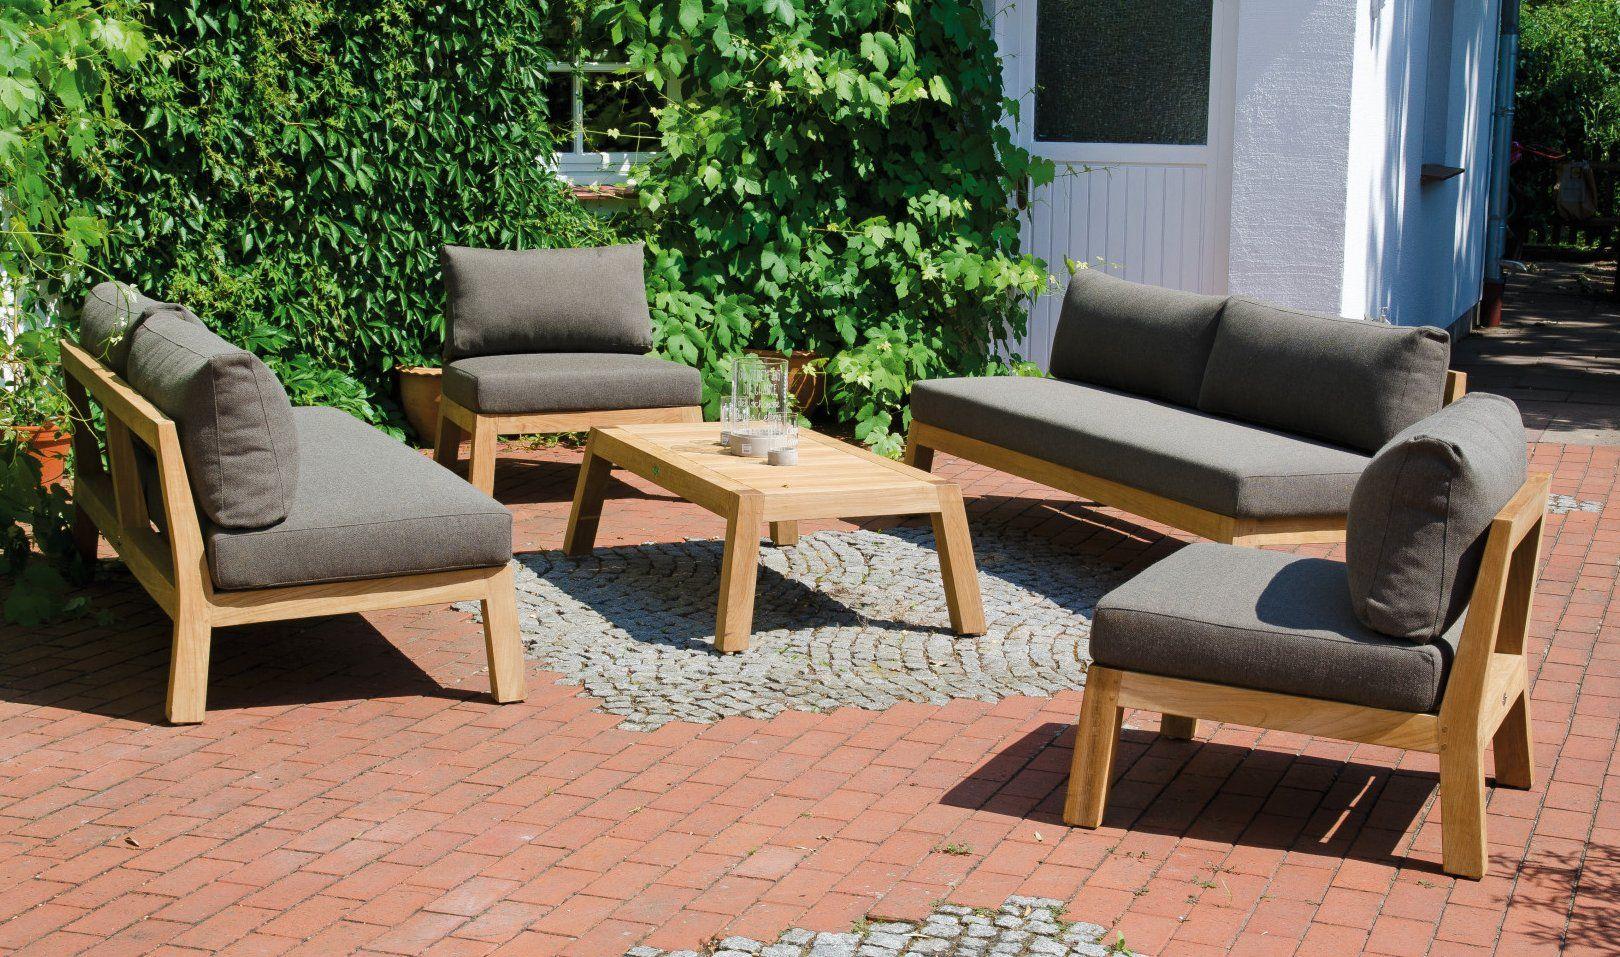 Outdoor Sitzgruppe Clifton Outdoor Sitzgruppe Sitzgruppe Aussenmobel